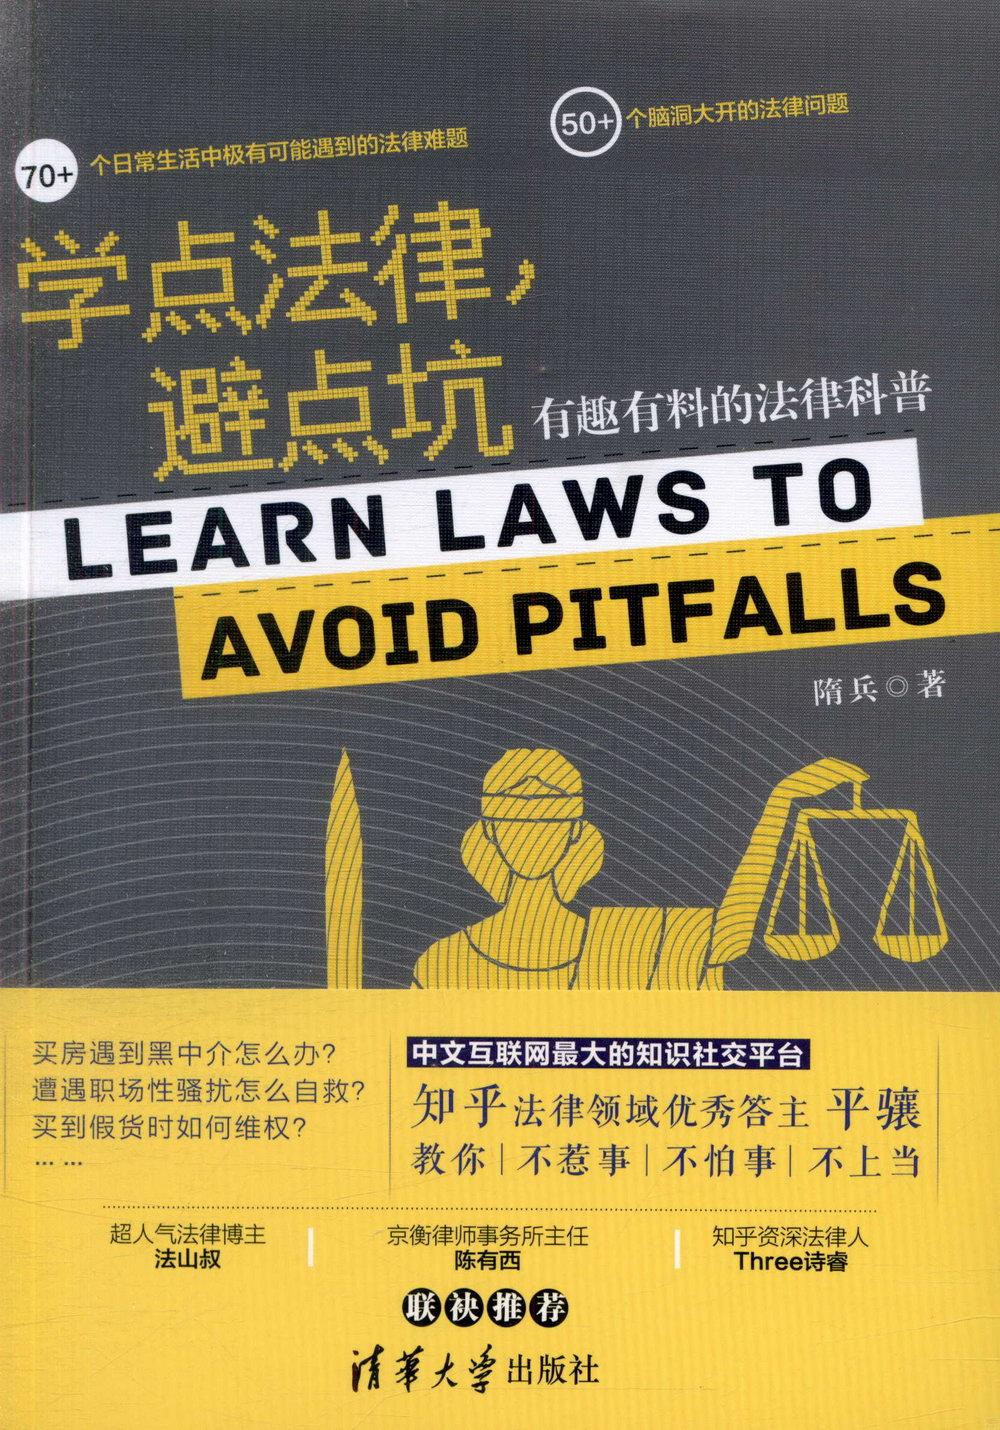 學點法律,避點坑:有趣有料的法律科普